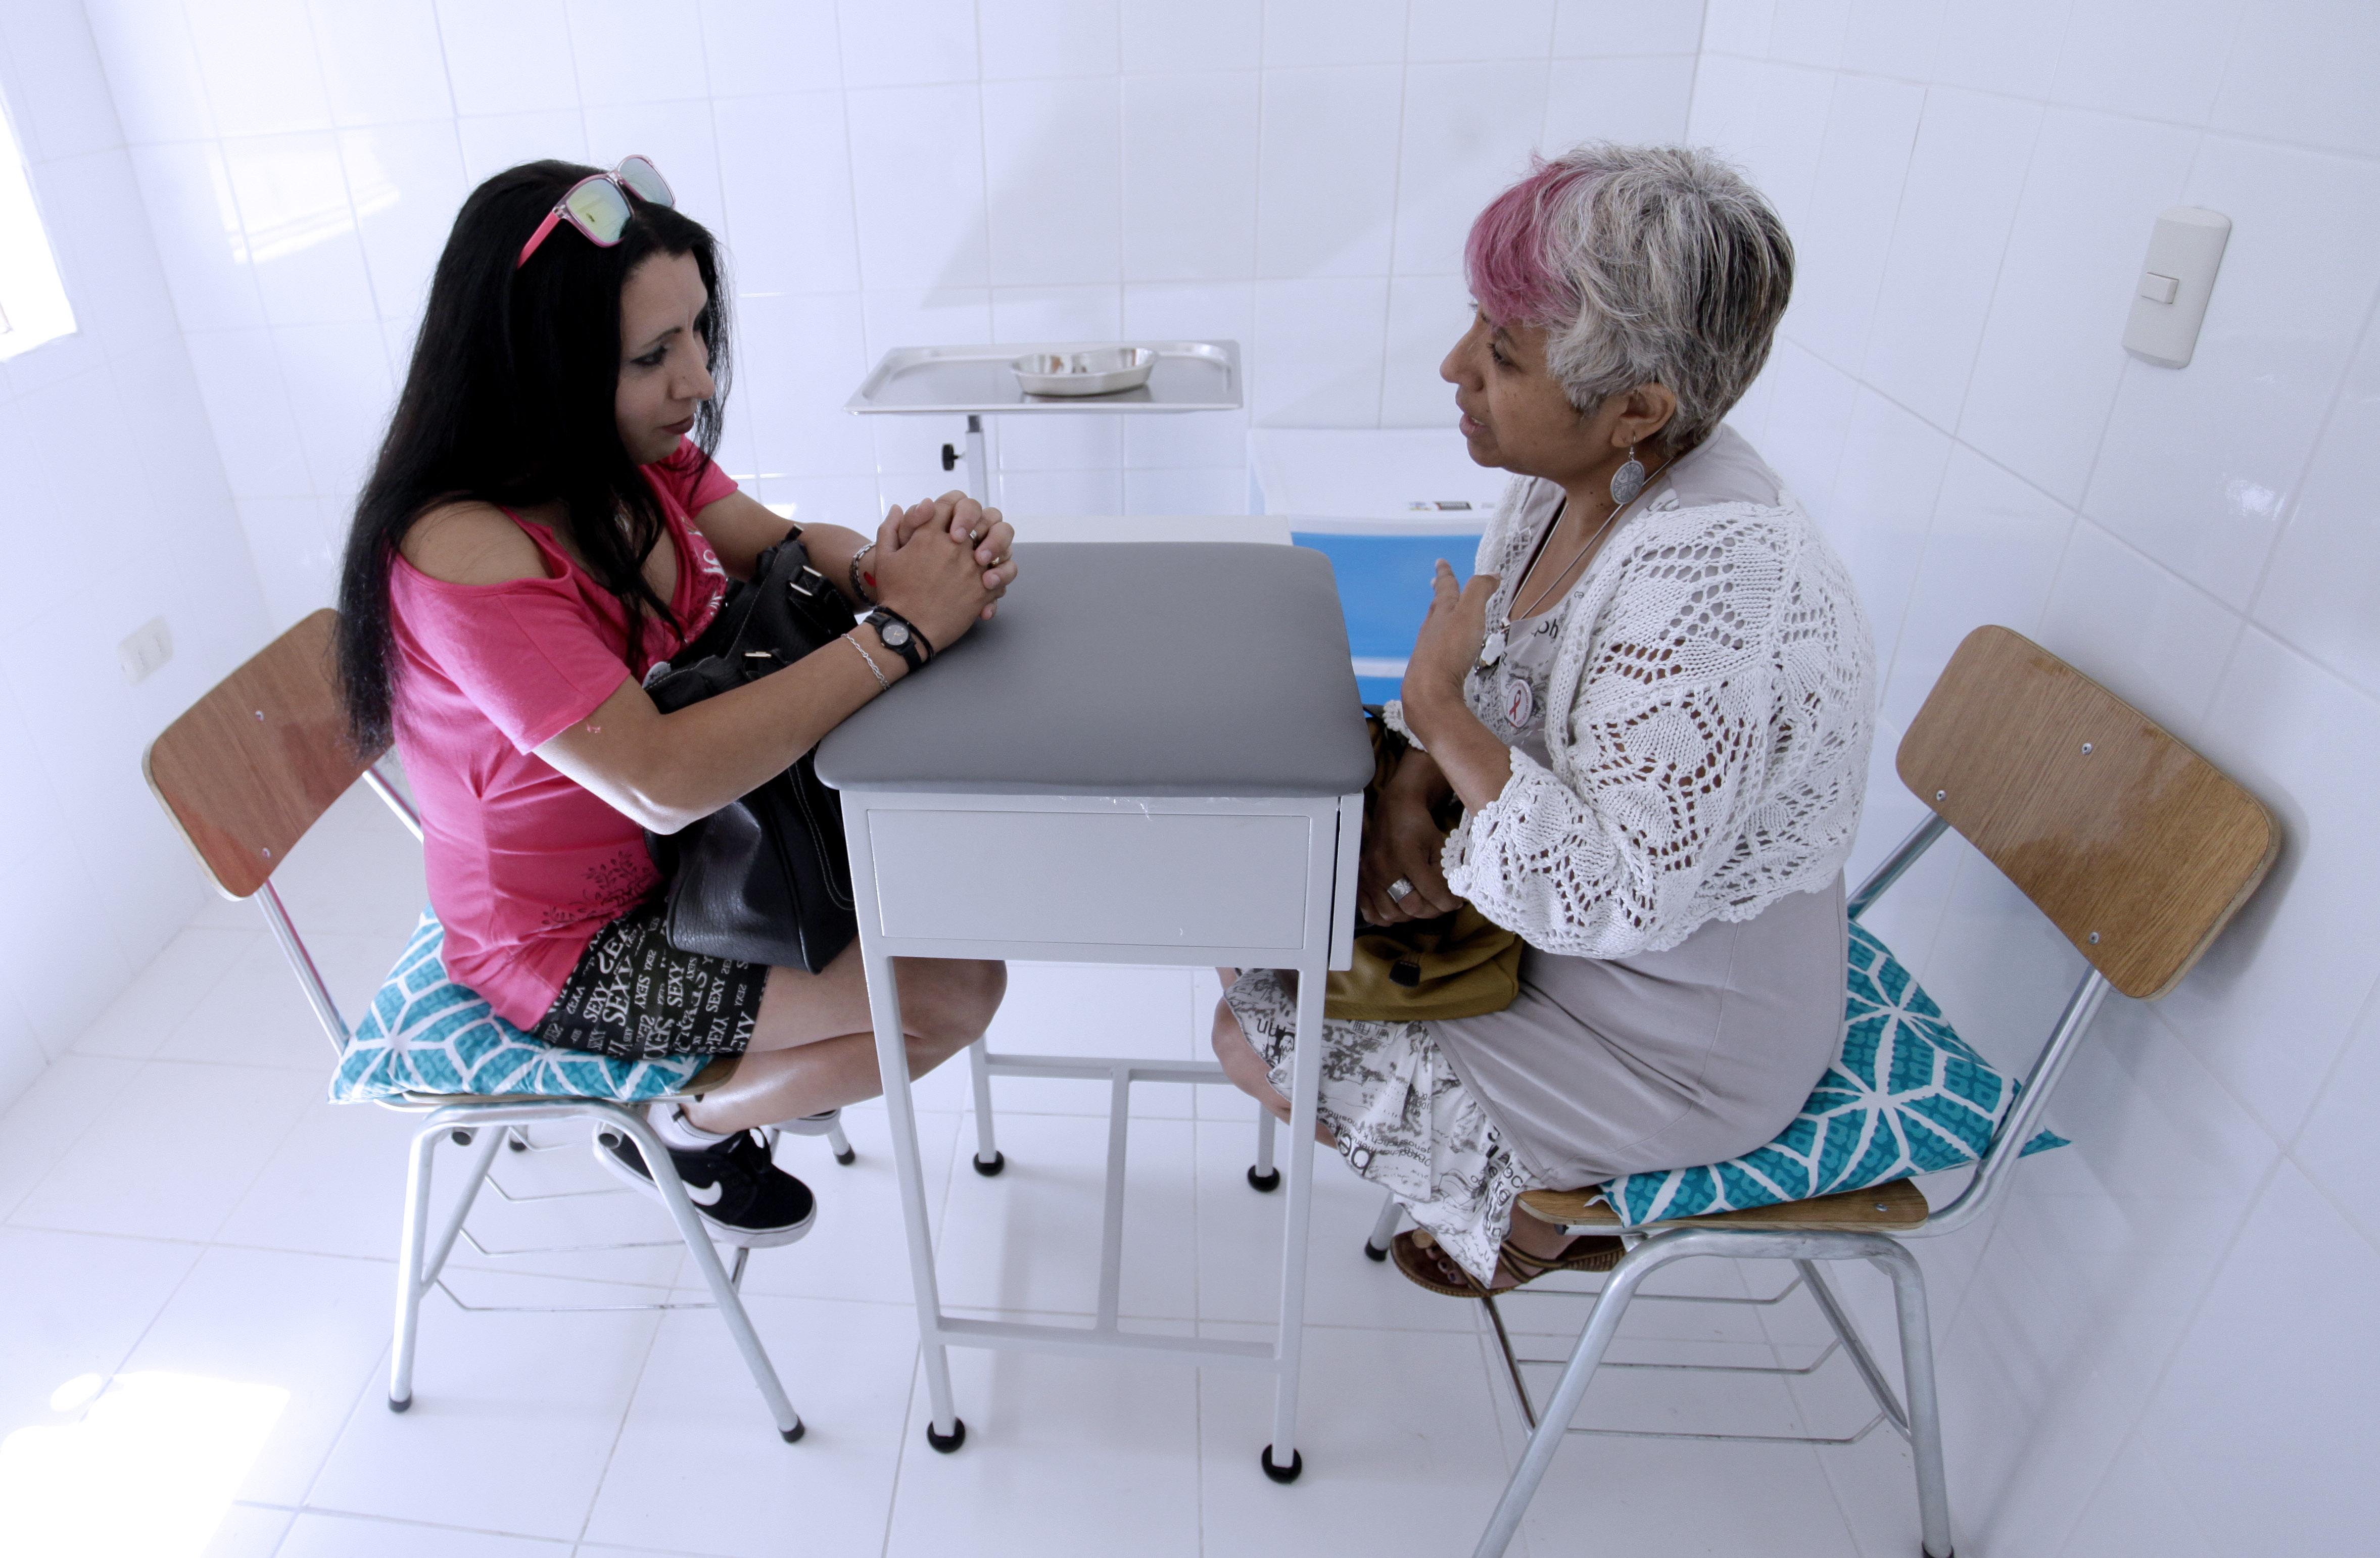 La atención de salud para personas trans: ausencia de presupuesto y discriminación